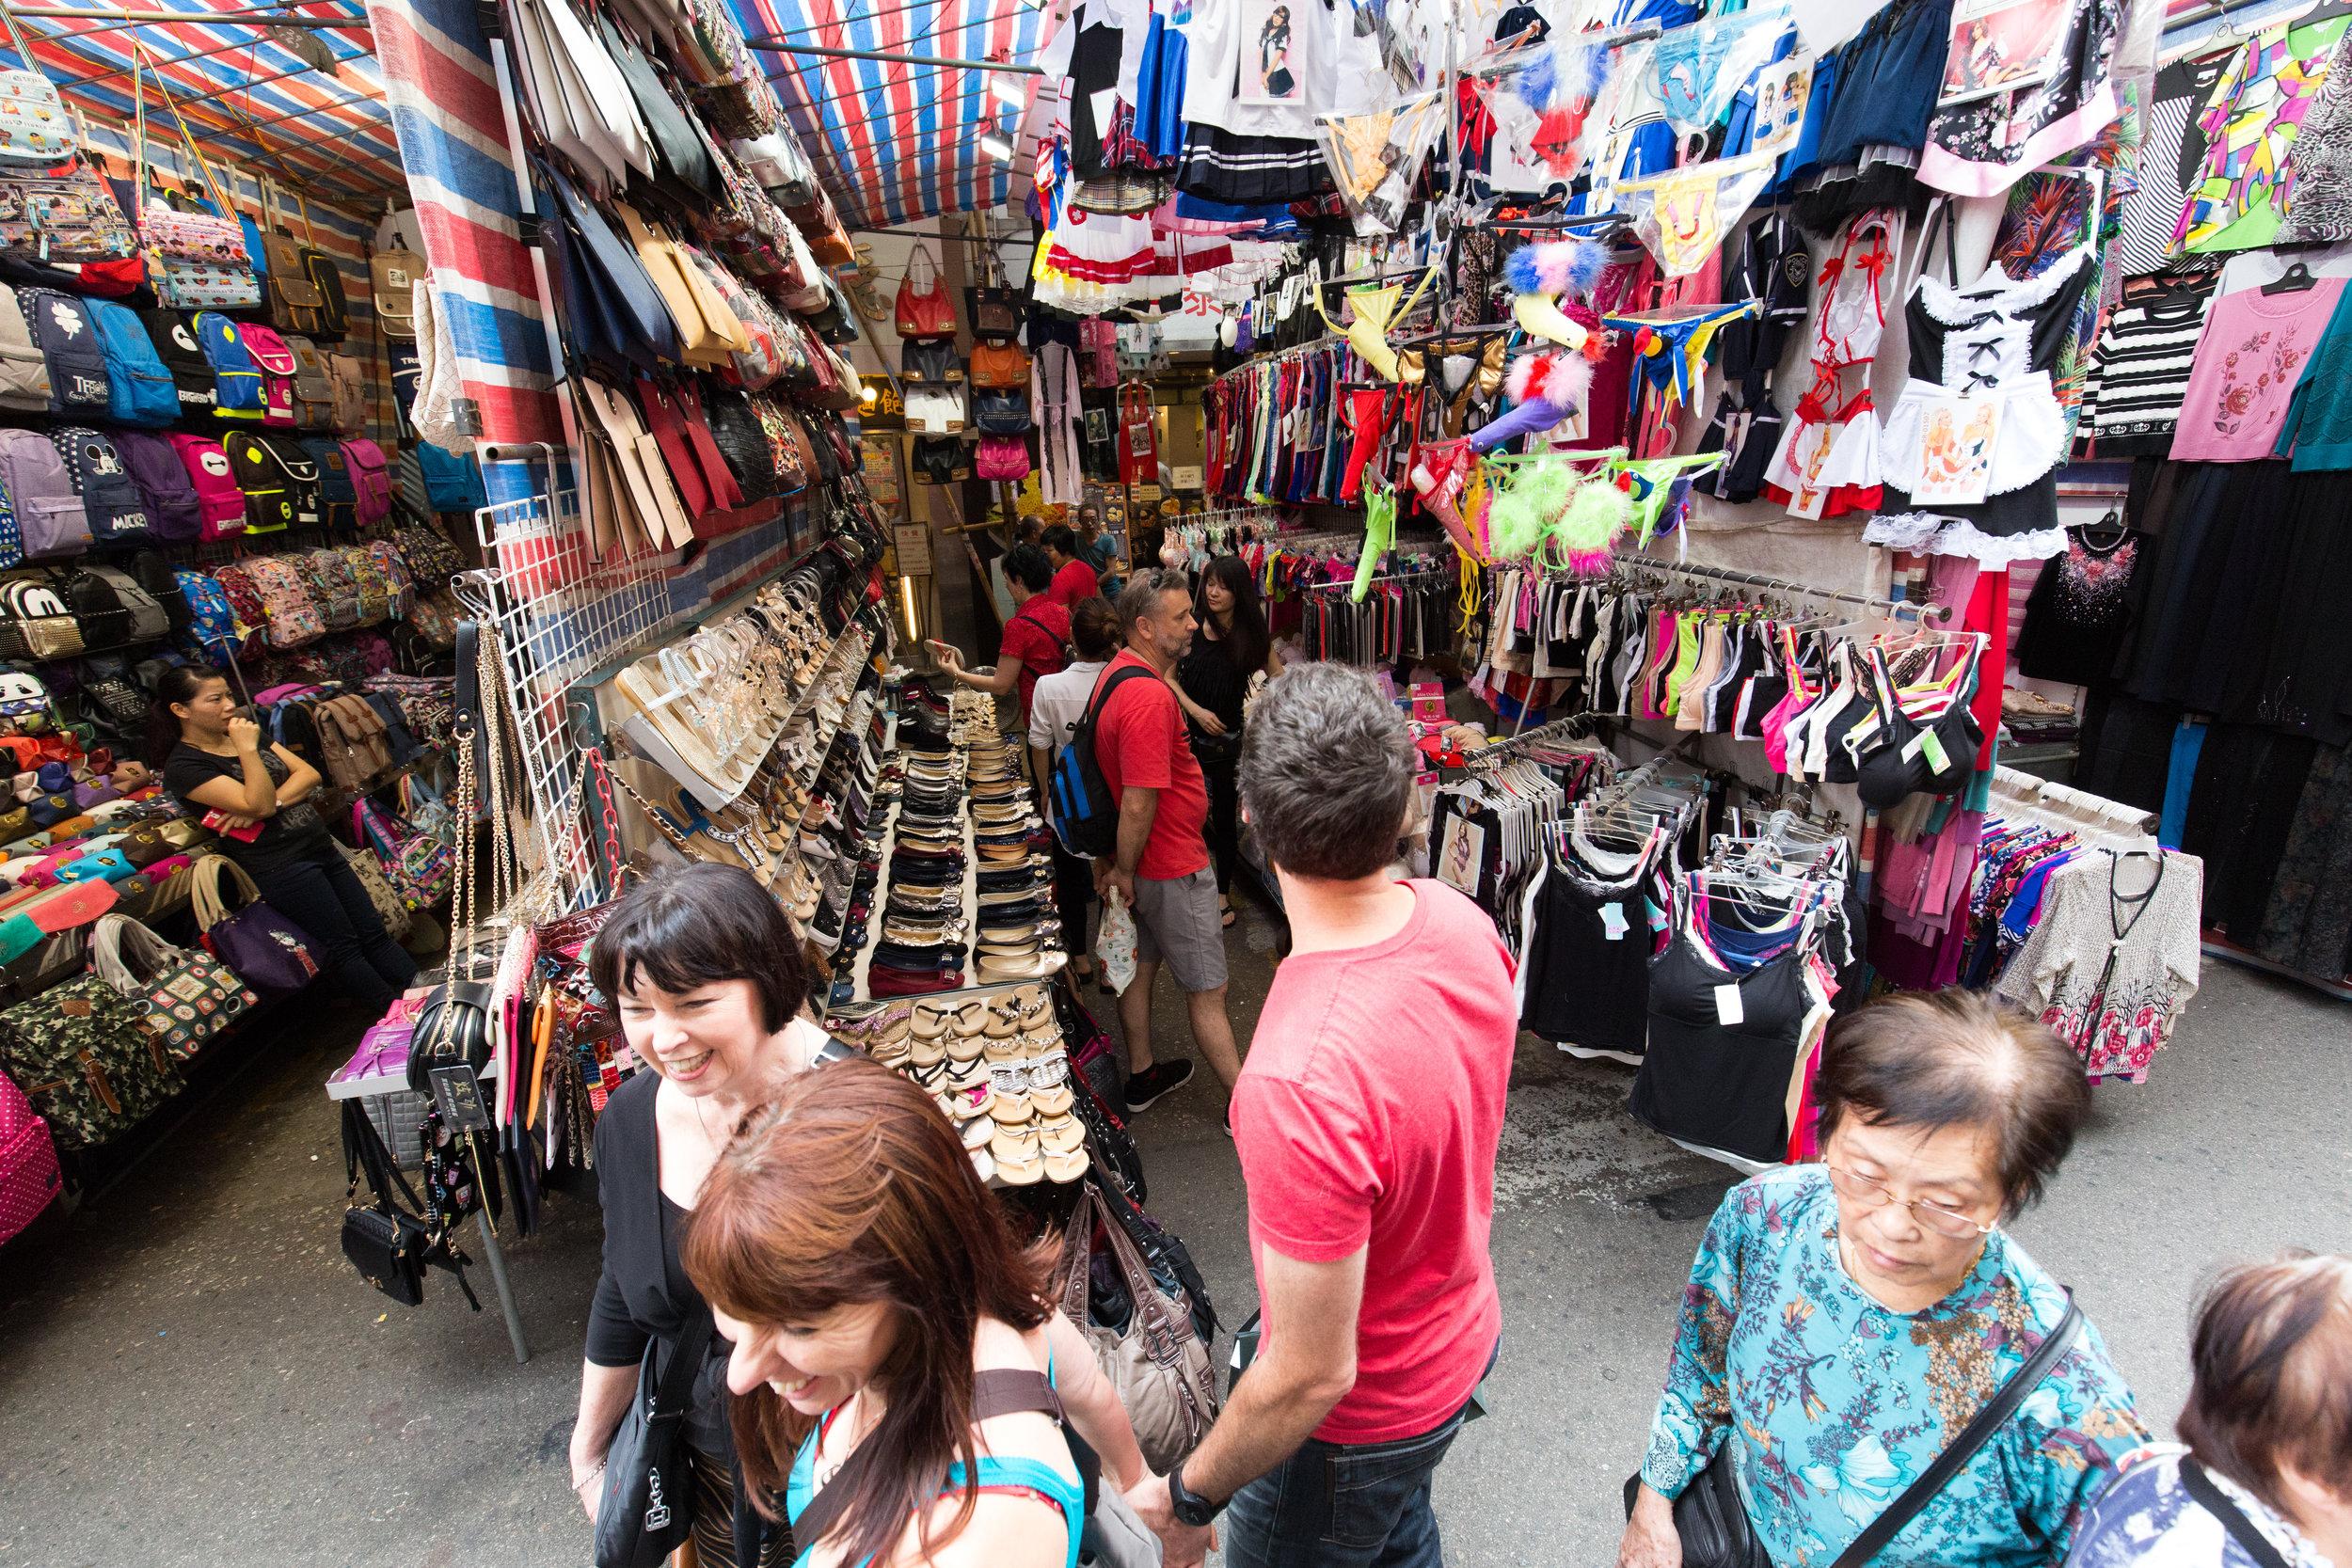 Fa Yuen Street market in Mong Kok, Hong Kong